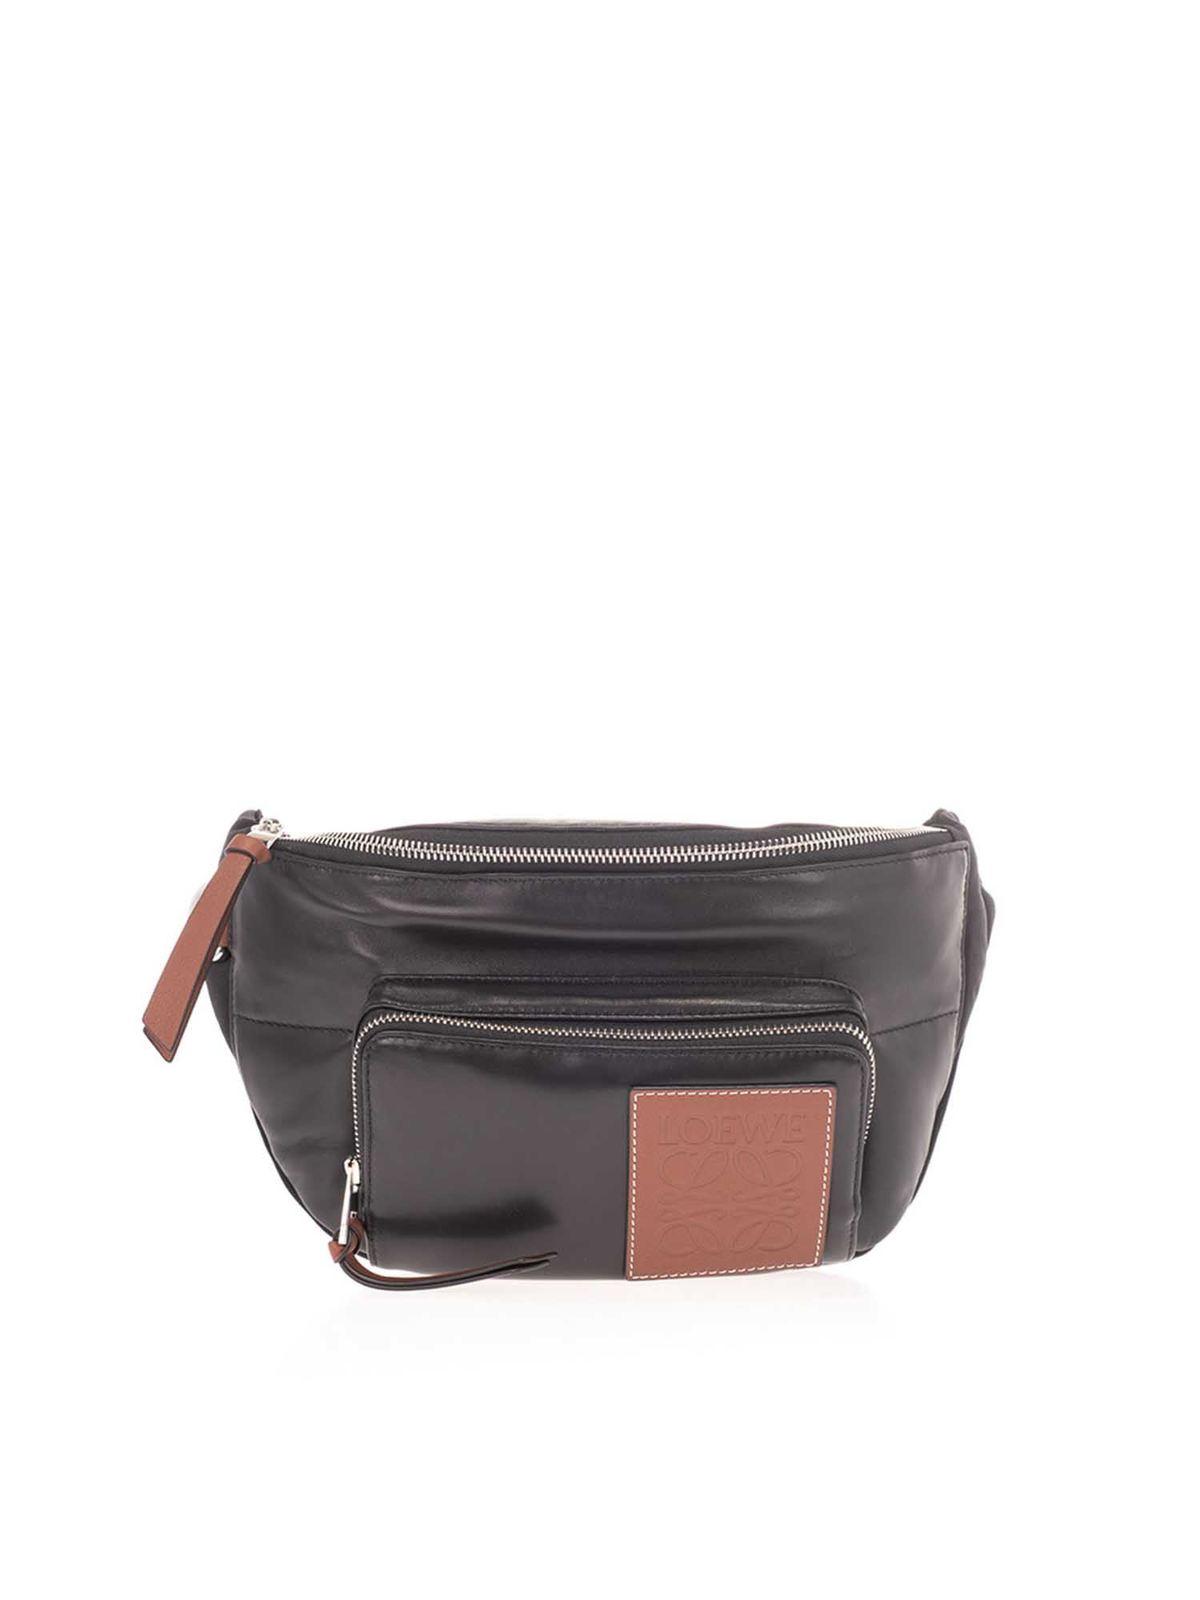 Loewe PUFFY BELT BAG IN BLACK